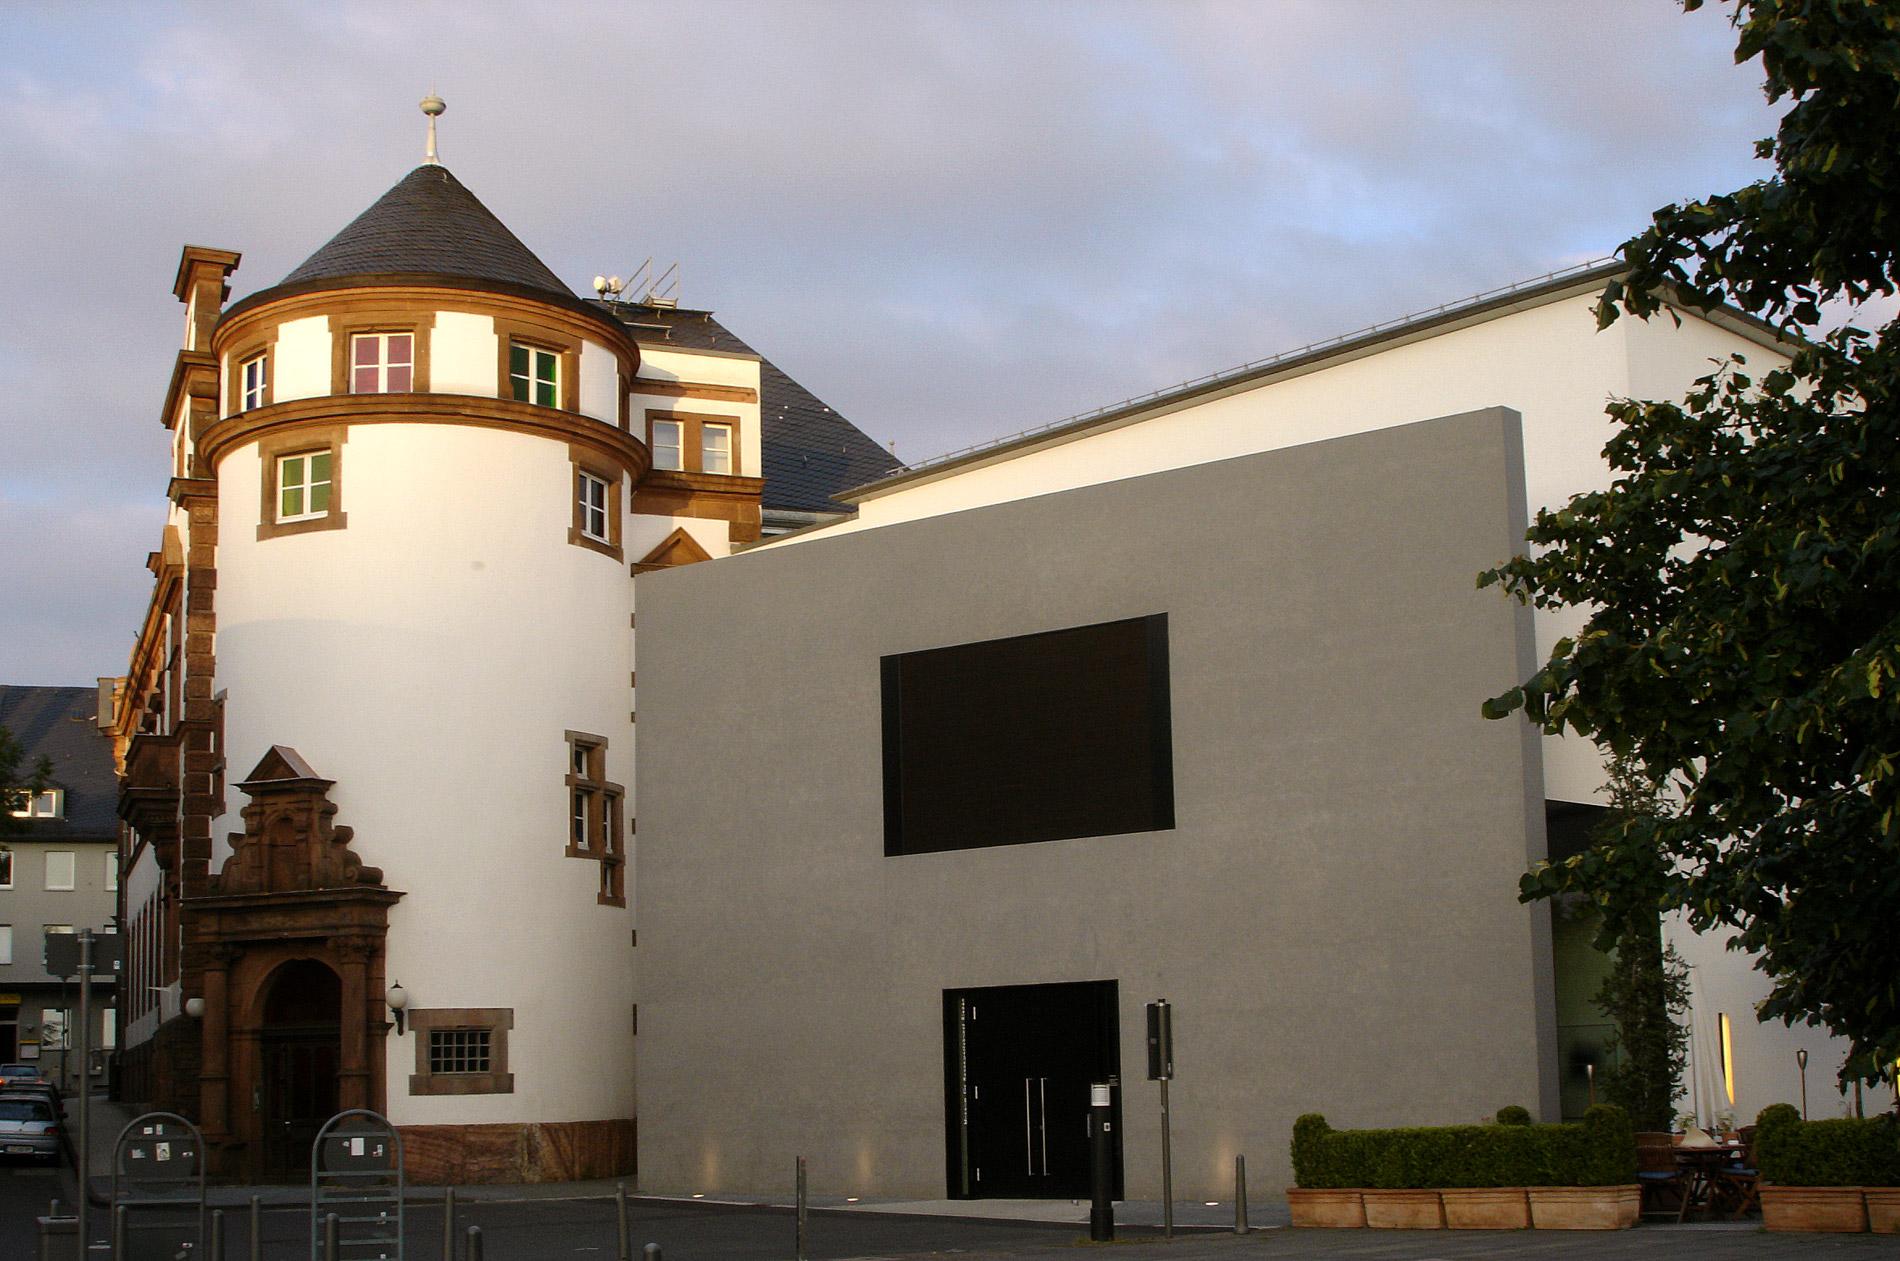 Описание siegen museum fuer gegenwartskunst